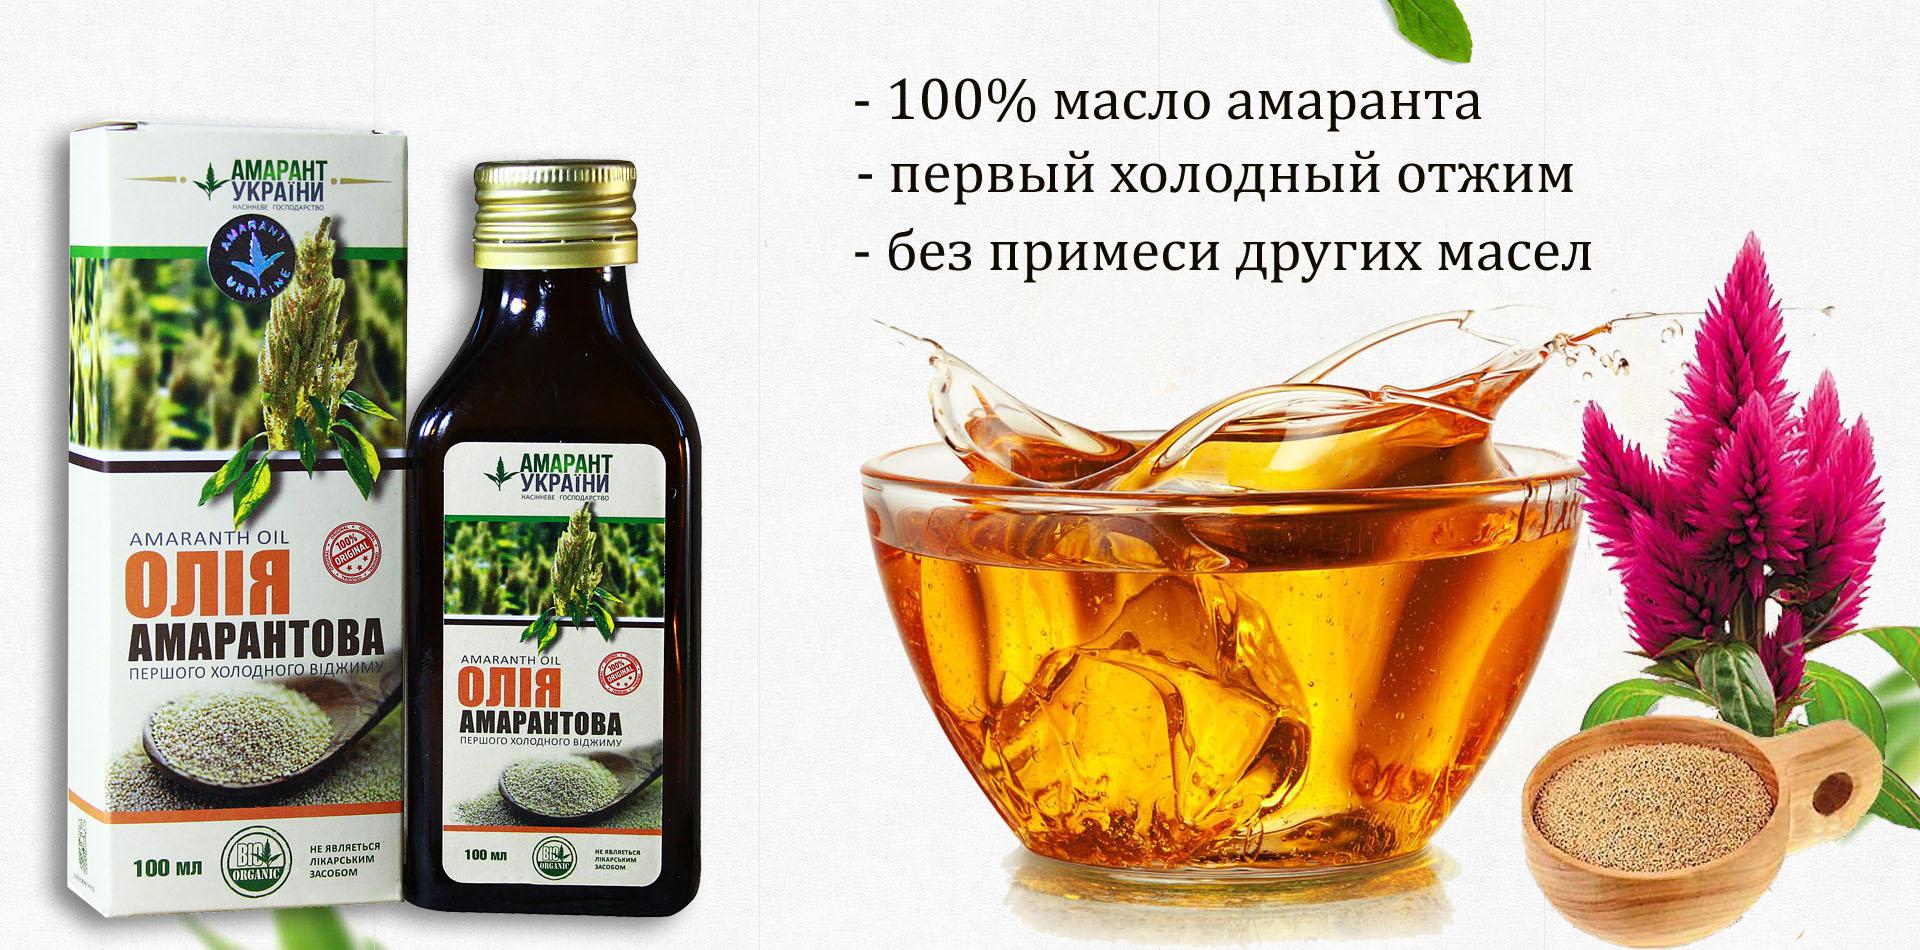 Амарантовое масло первого холодного отжима